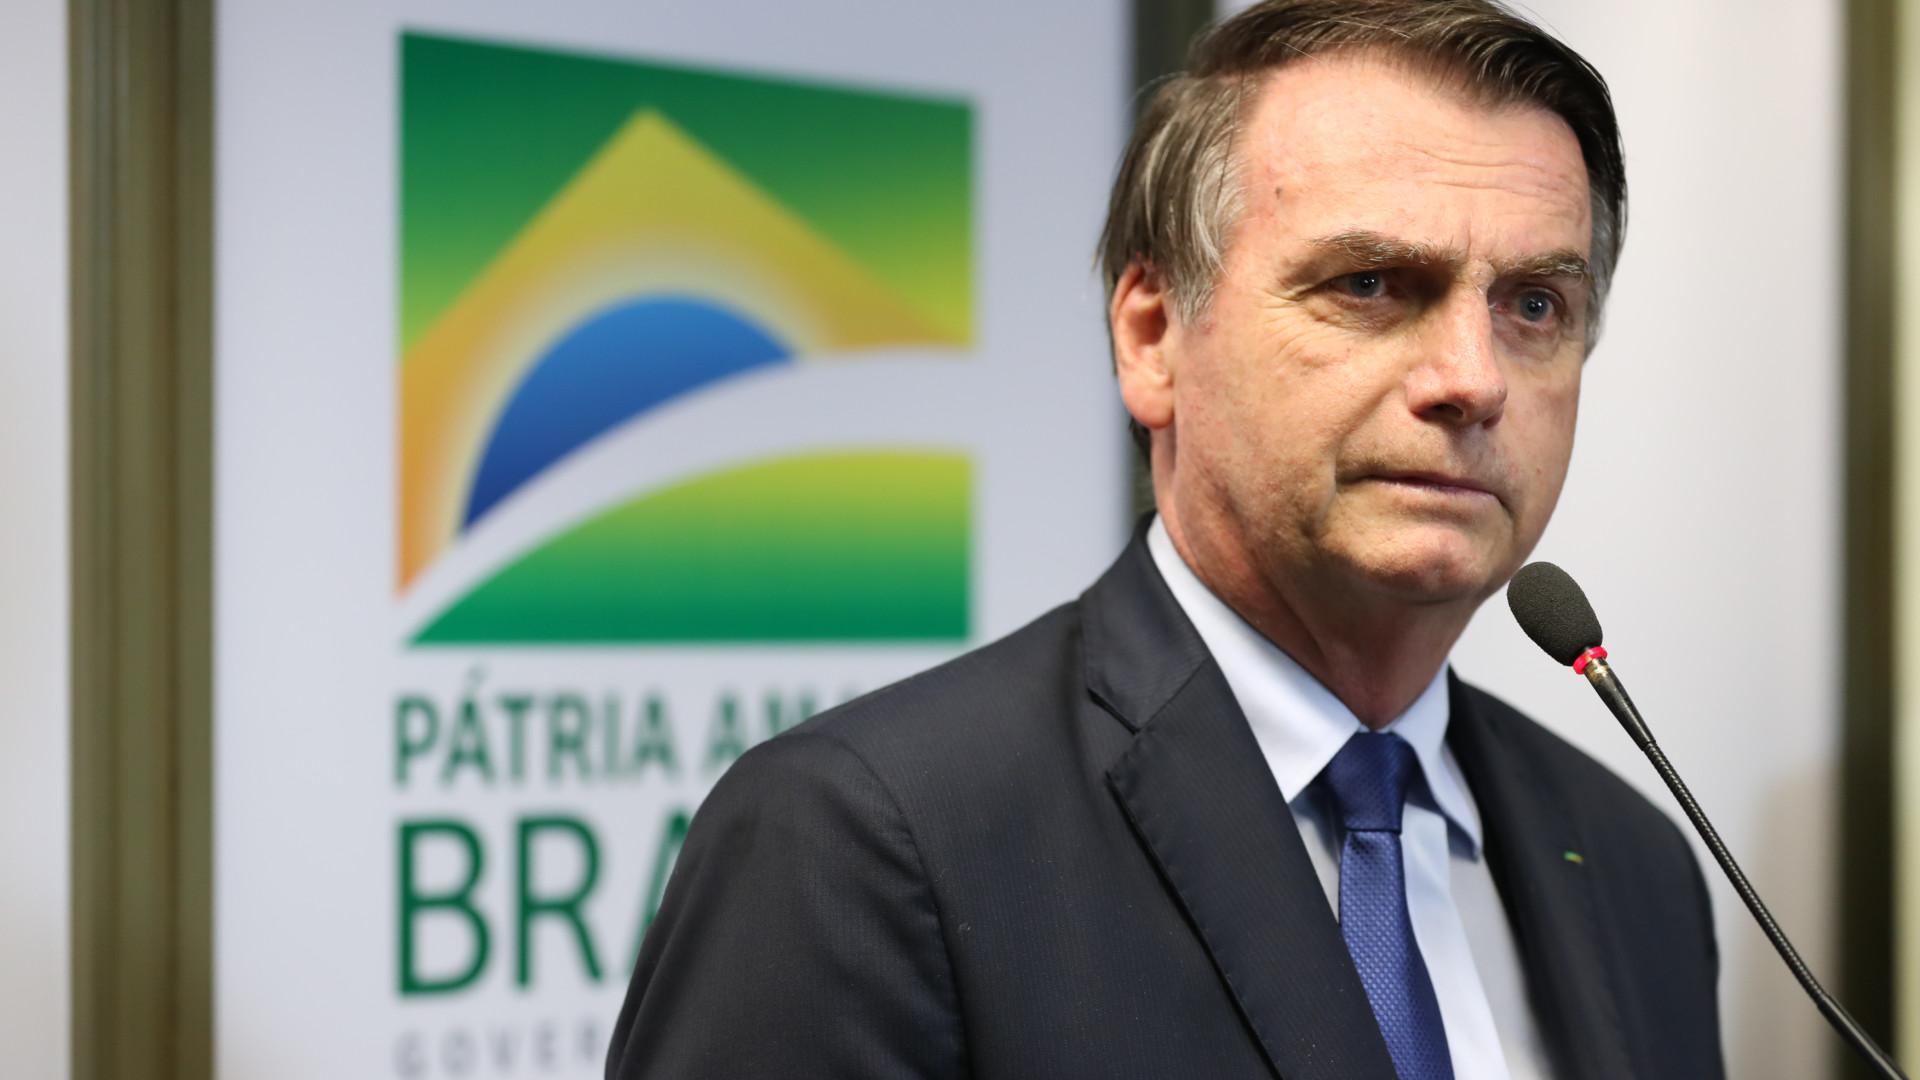 Bolsonaro comemora 'pontos positivos' do governo